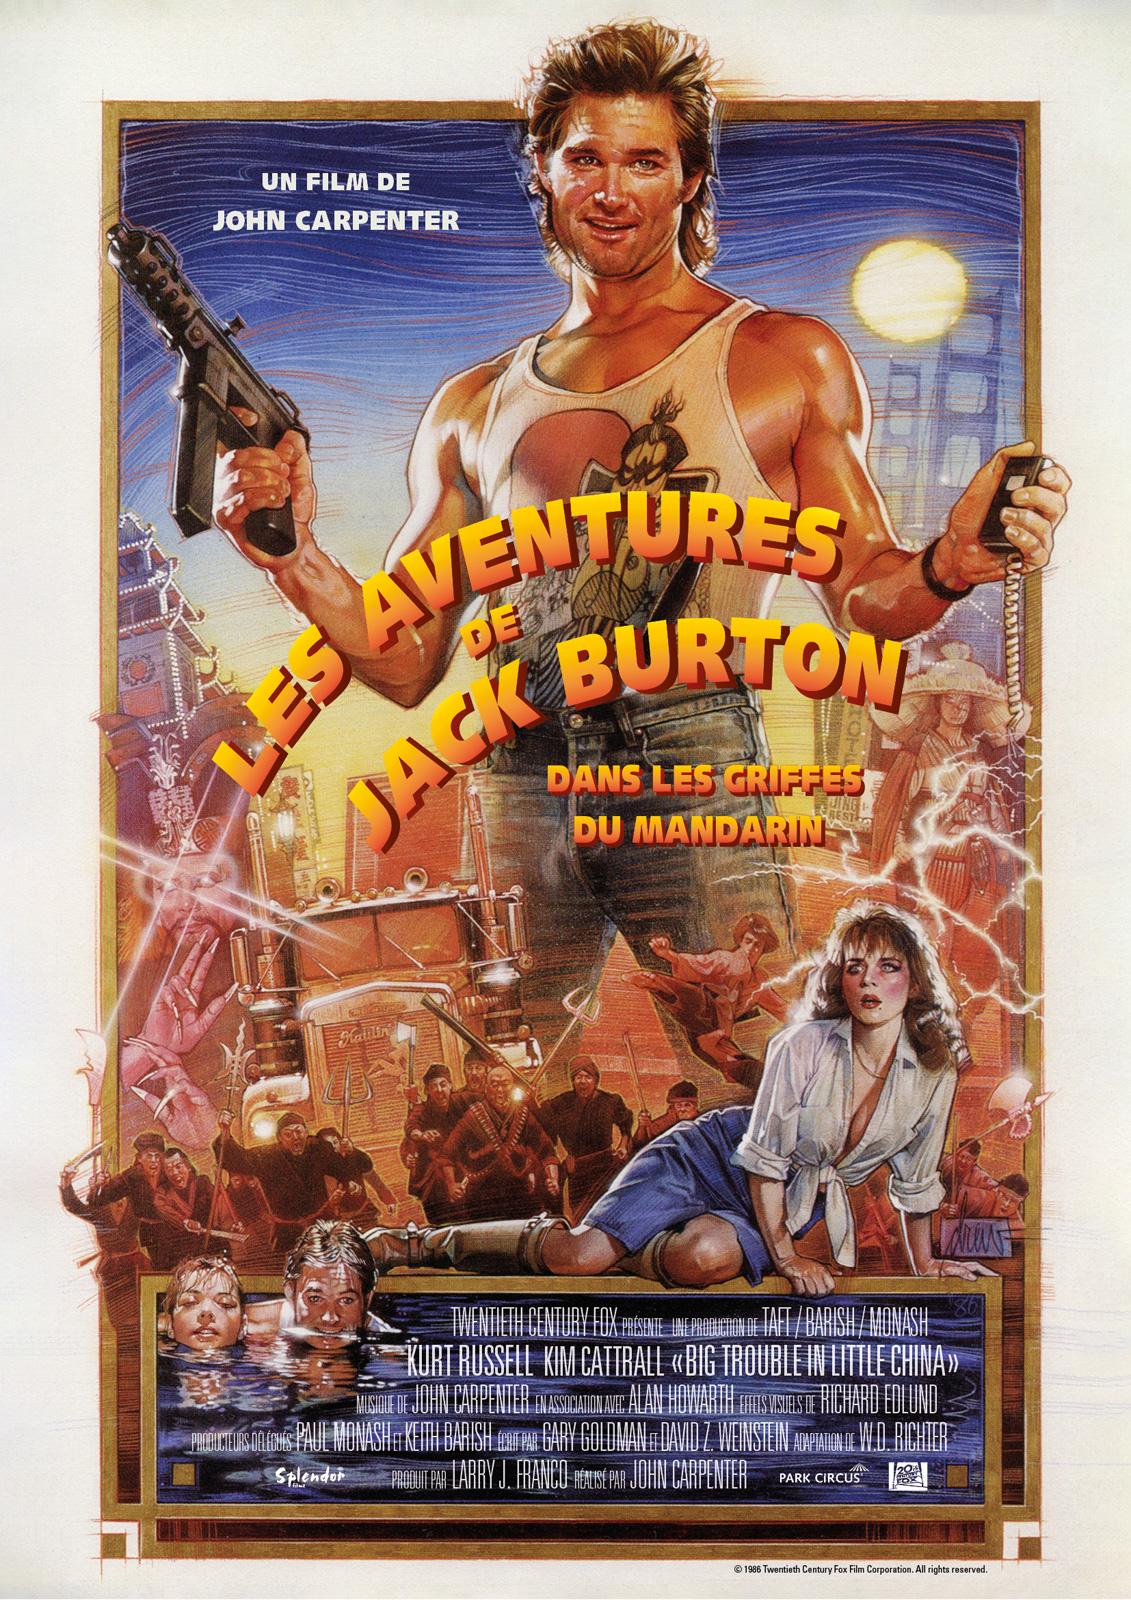 Image du film Les Aventures de Jack Burton dans les griffes du mandarin